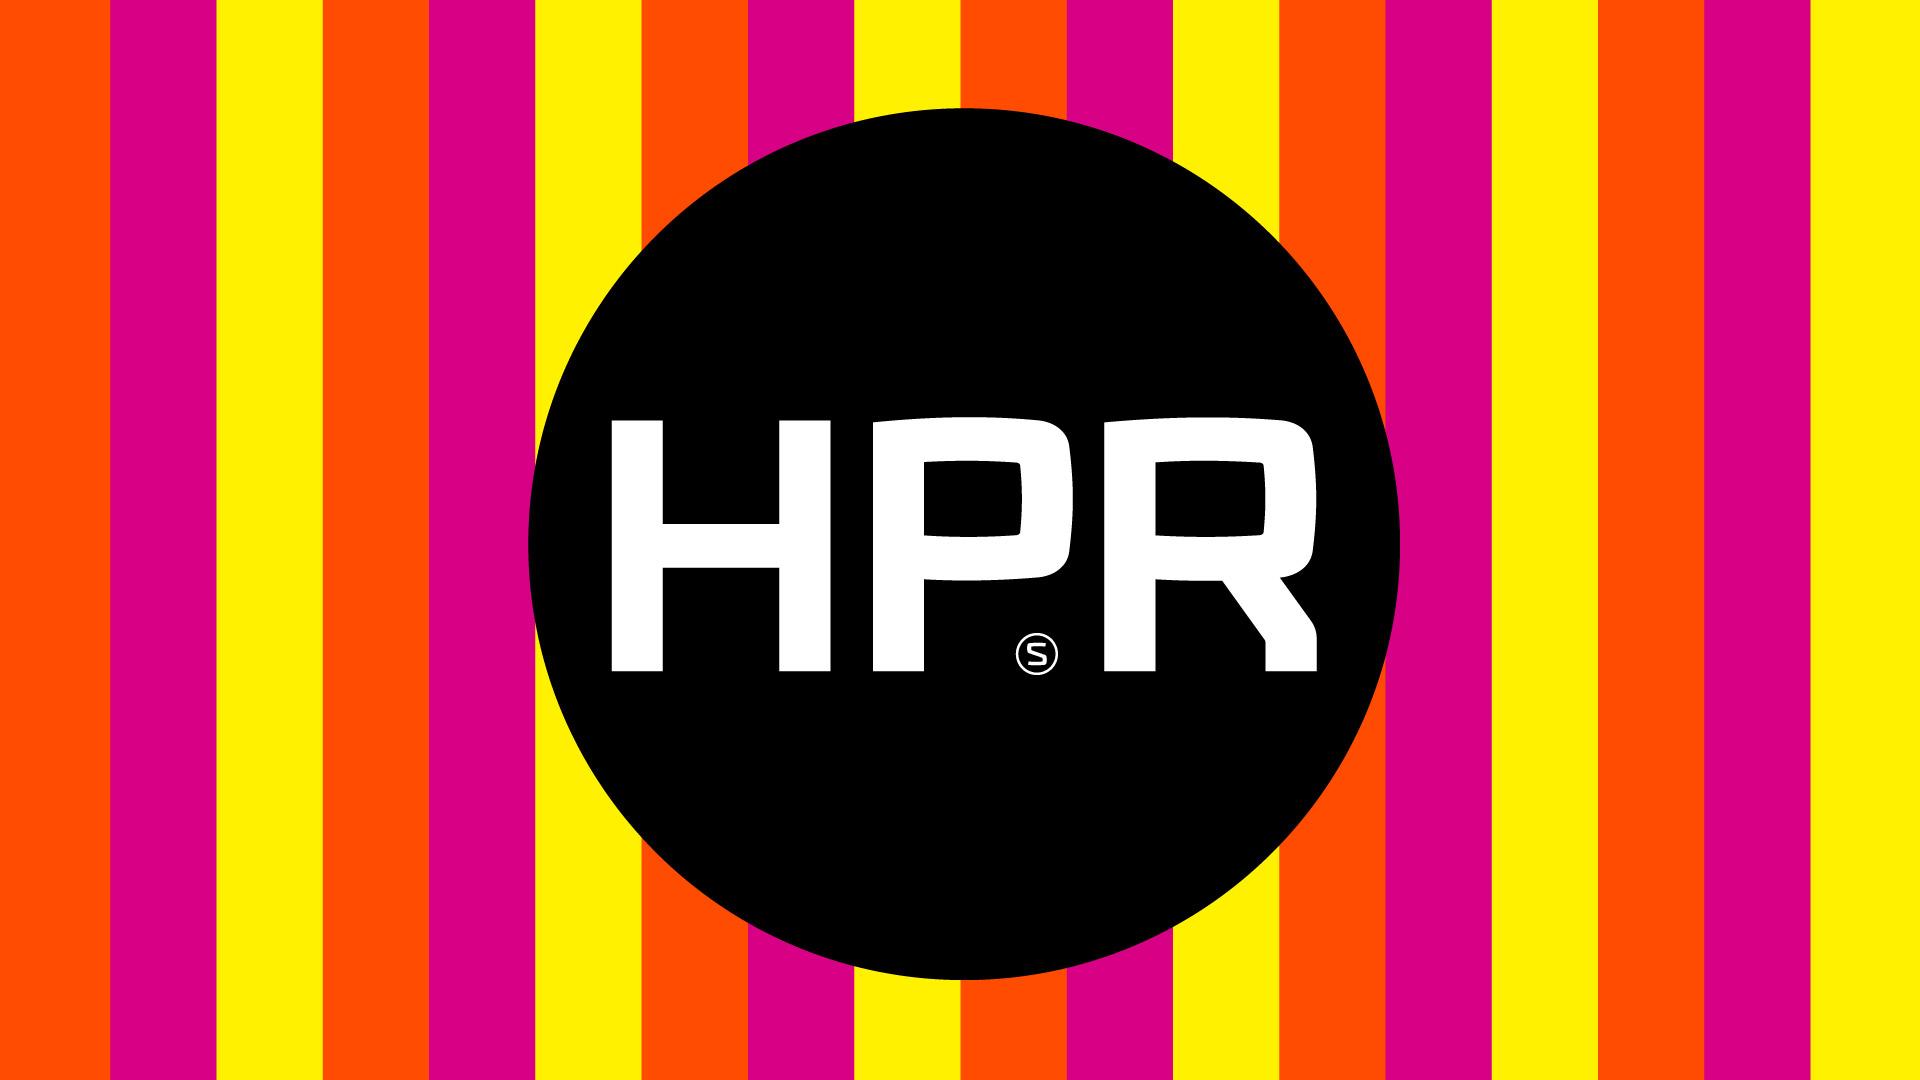 ASGARD branding, logo design, HPR, Hyper, beermix